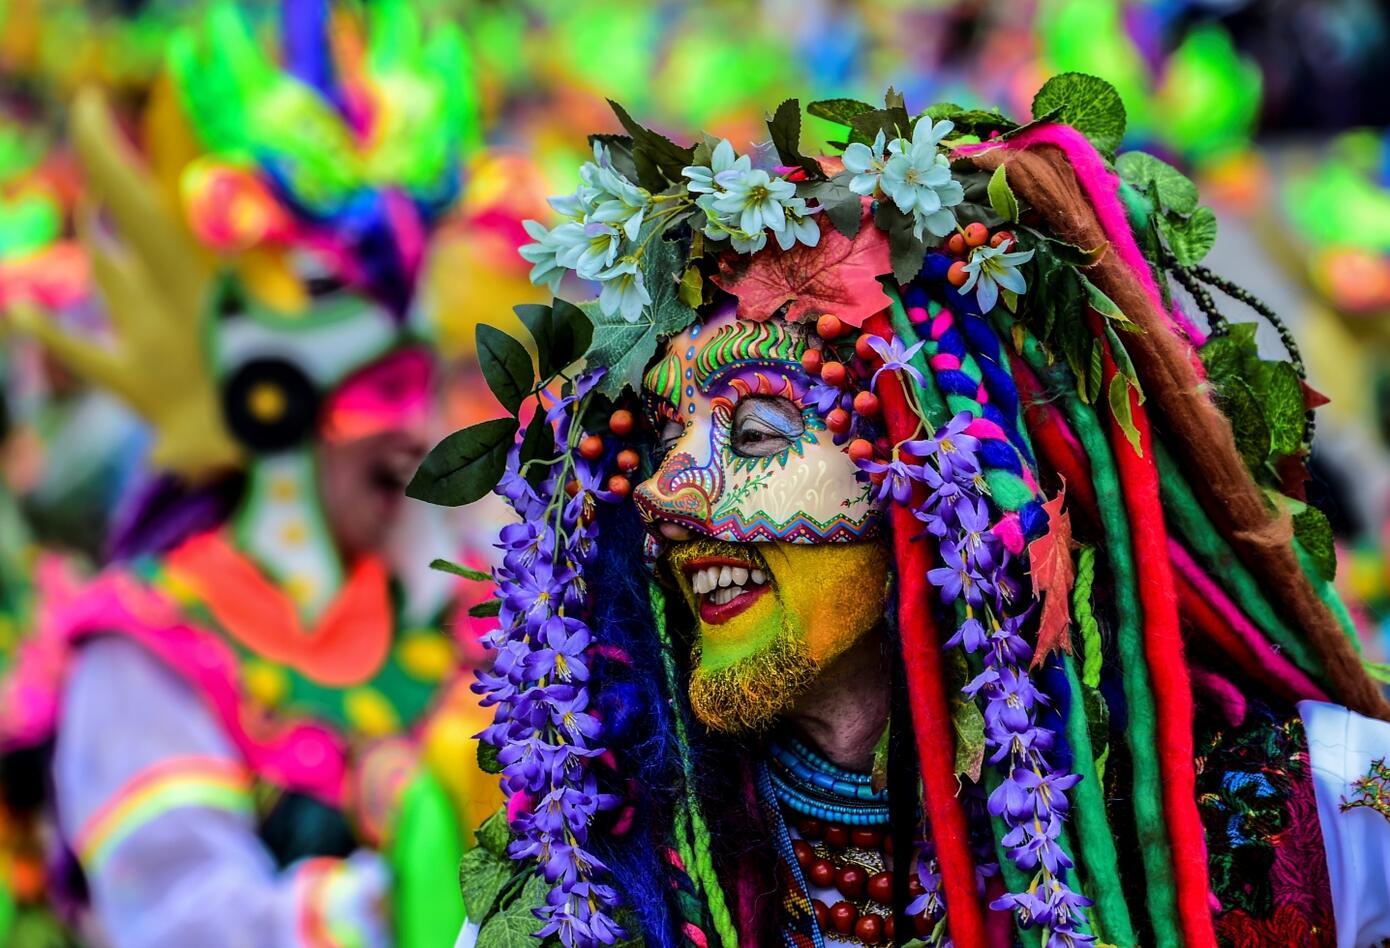 El Carnaval de Blancos y Negros de Pasto se da con la intención de honran a la Pachamama (madre tierra).